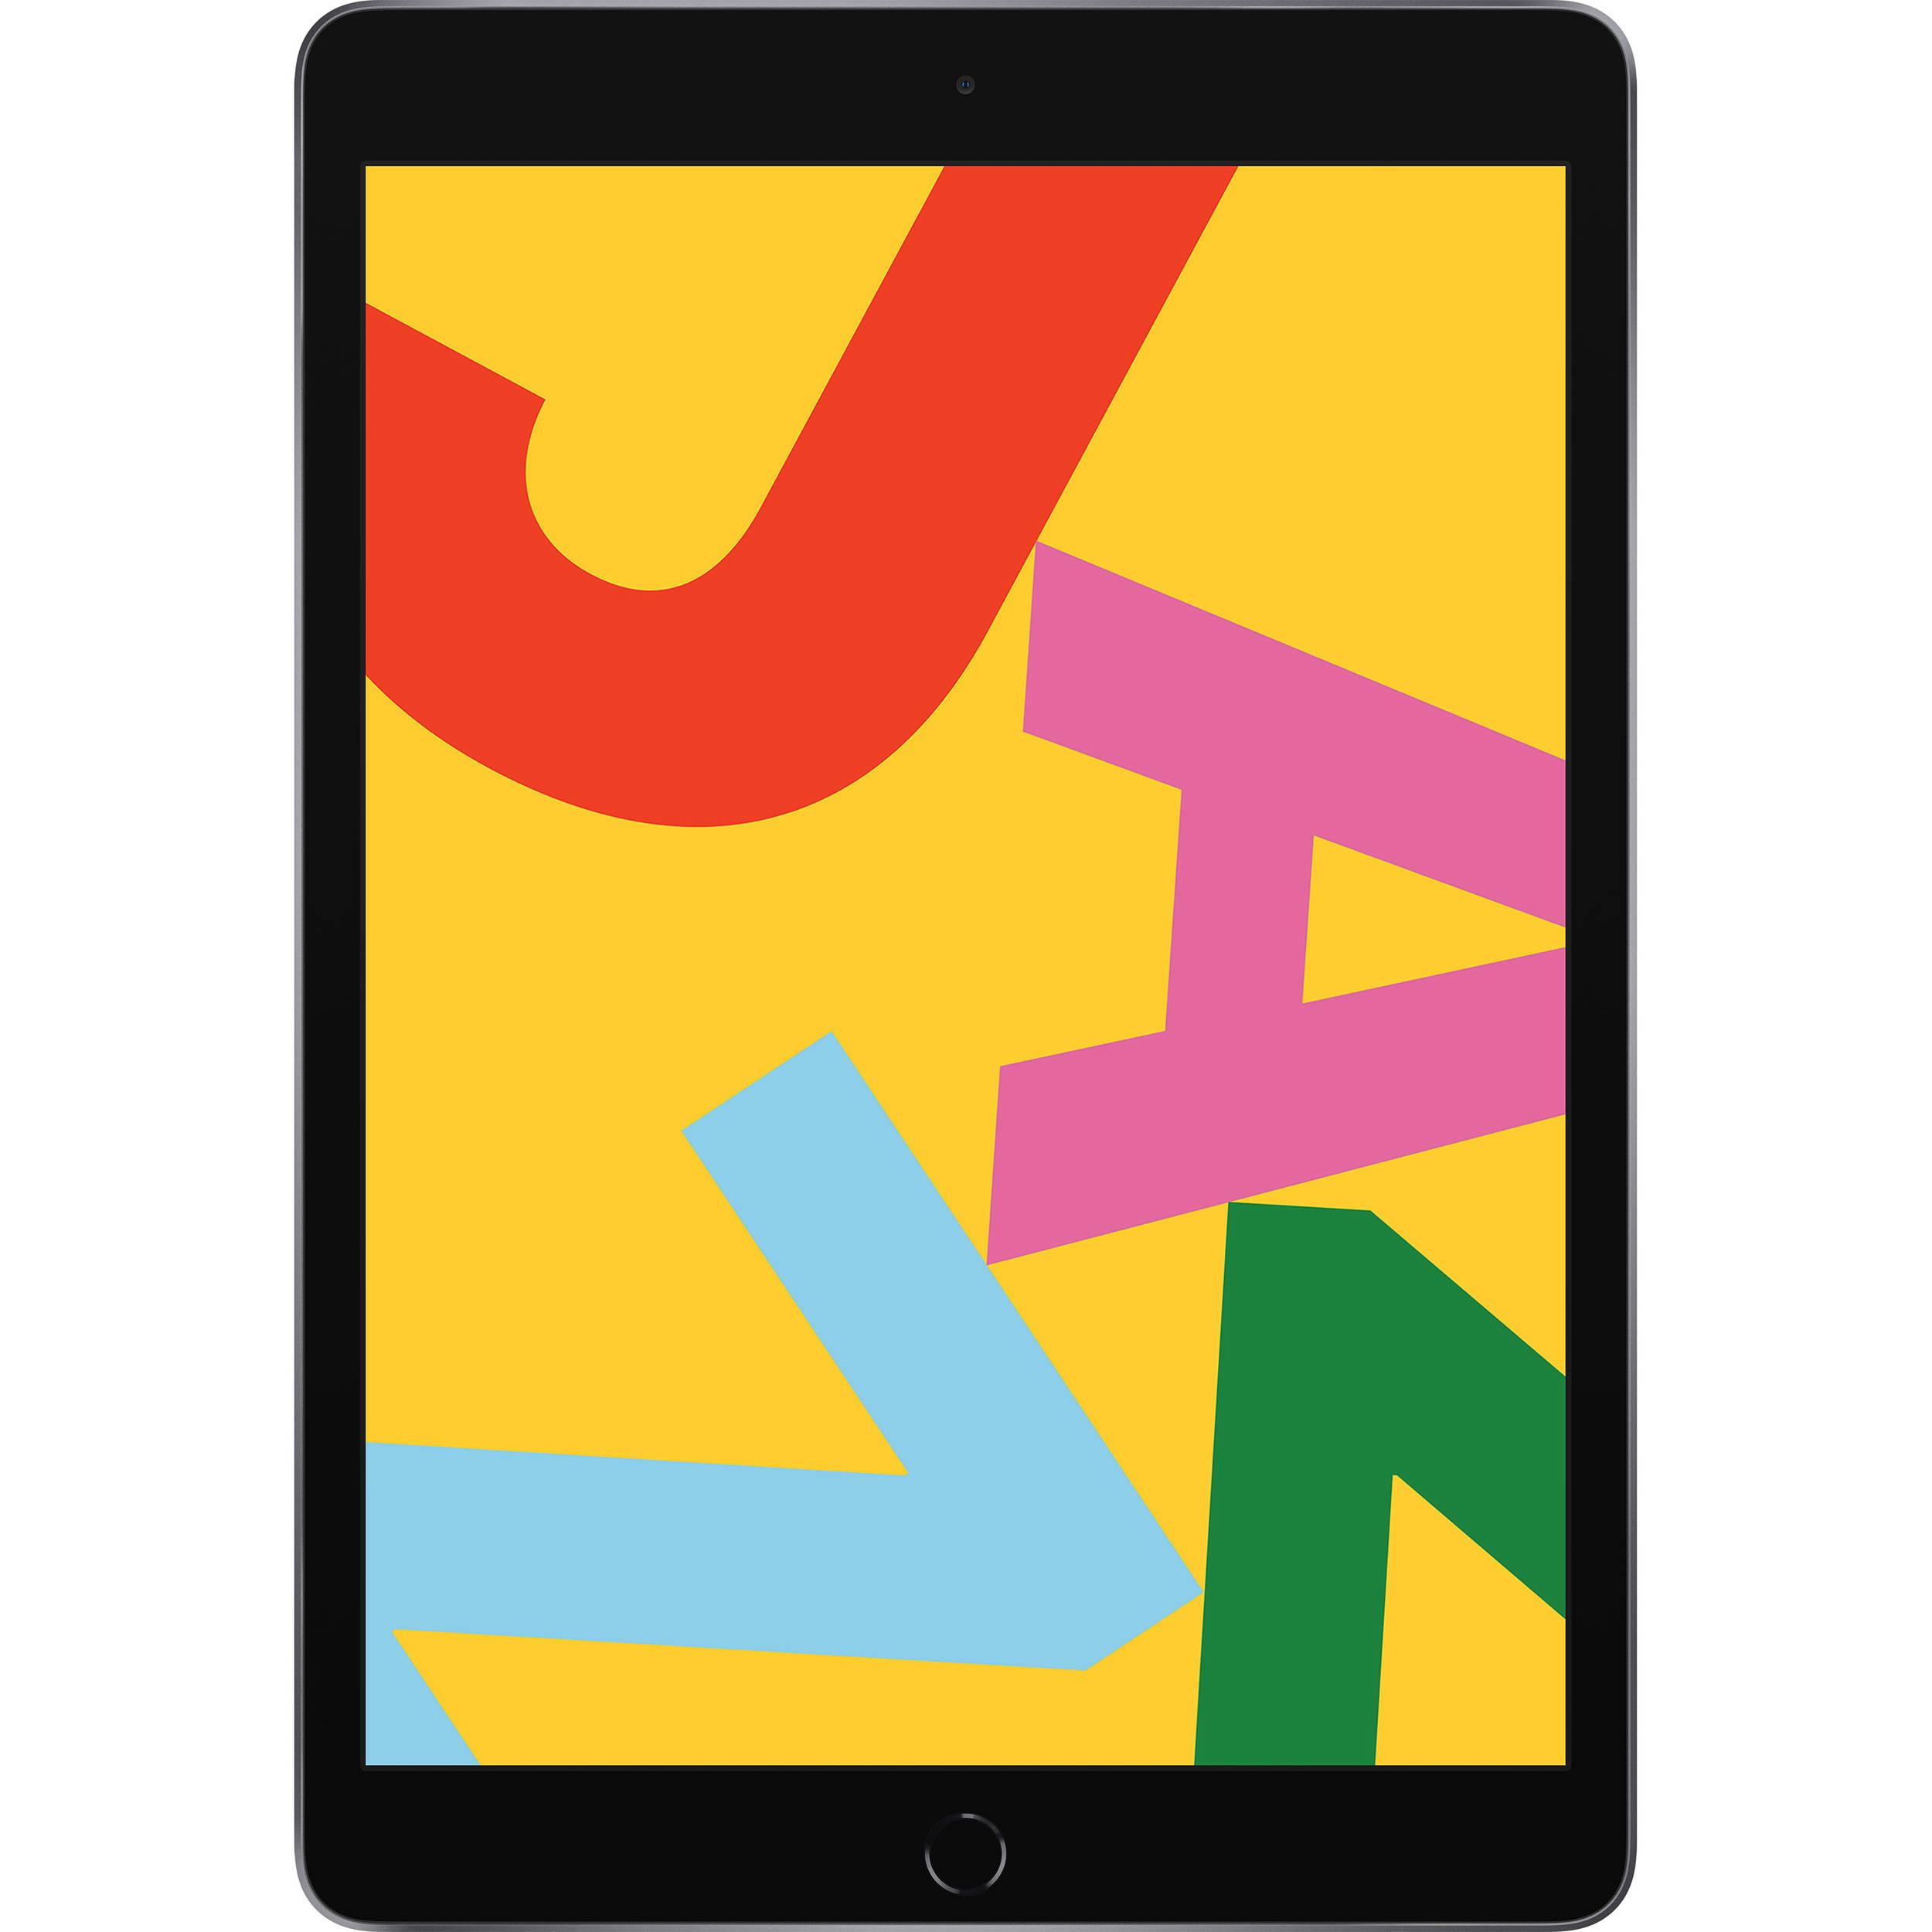 خرید ارزان تبلت اپل مدل iPad 10.2 inch 2019 WiFi ظرفیت 32 گیگابایت